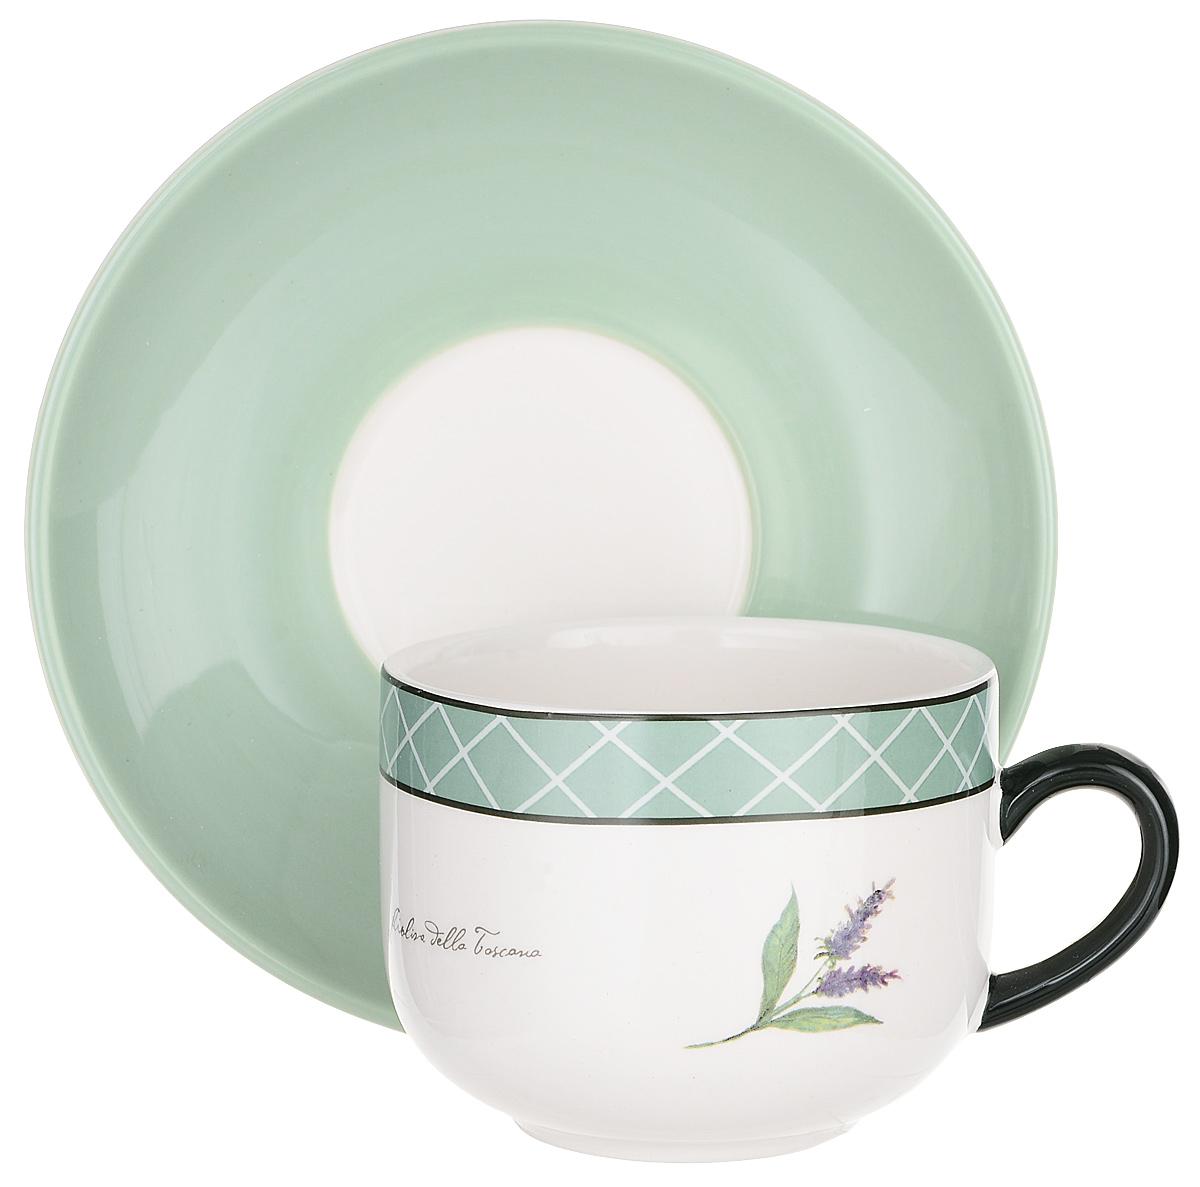 """Пить чай всегда хочется не торопясь и с удовольствием, особенно приятно, когда в руках  красивая посуда, которая помогает раскрыть все нотки вкуса настоящего напитка. Любому  поднимет настроение и окунет в мир наслаждения стильная чайная пара """"Италия""""."""